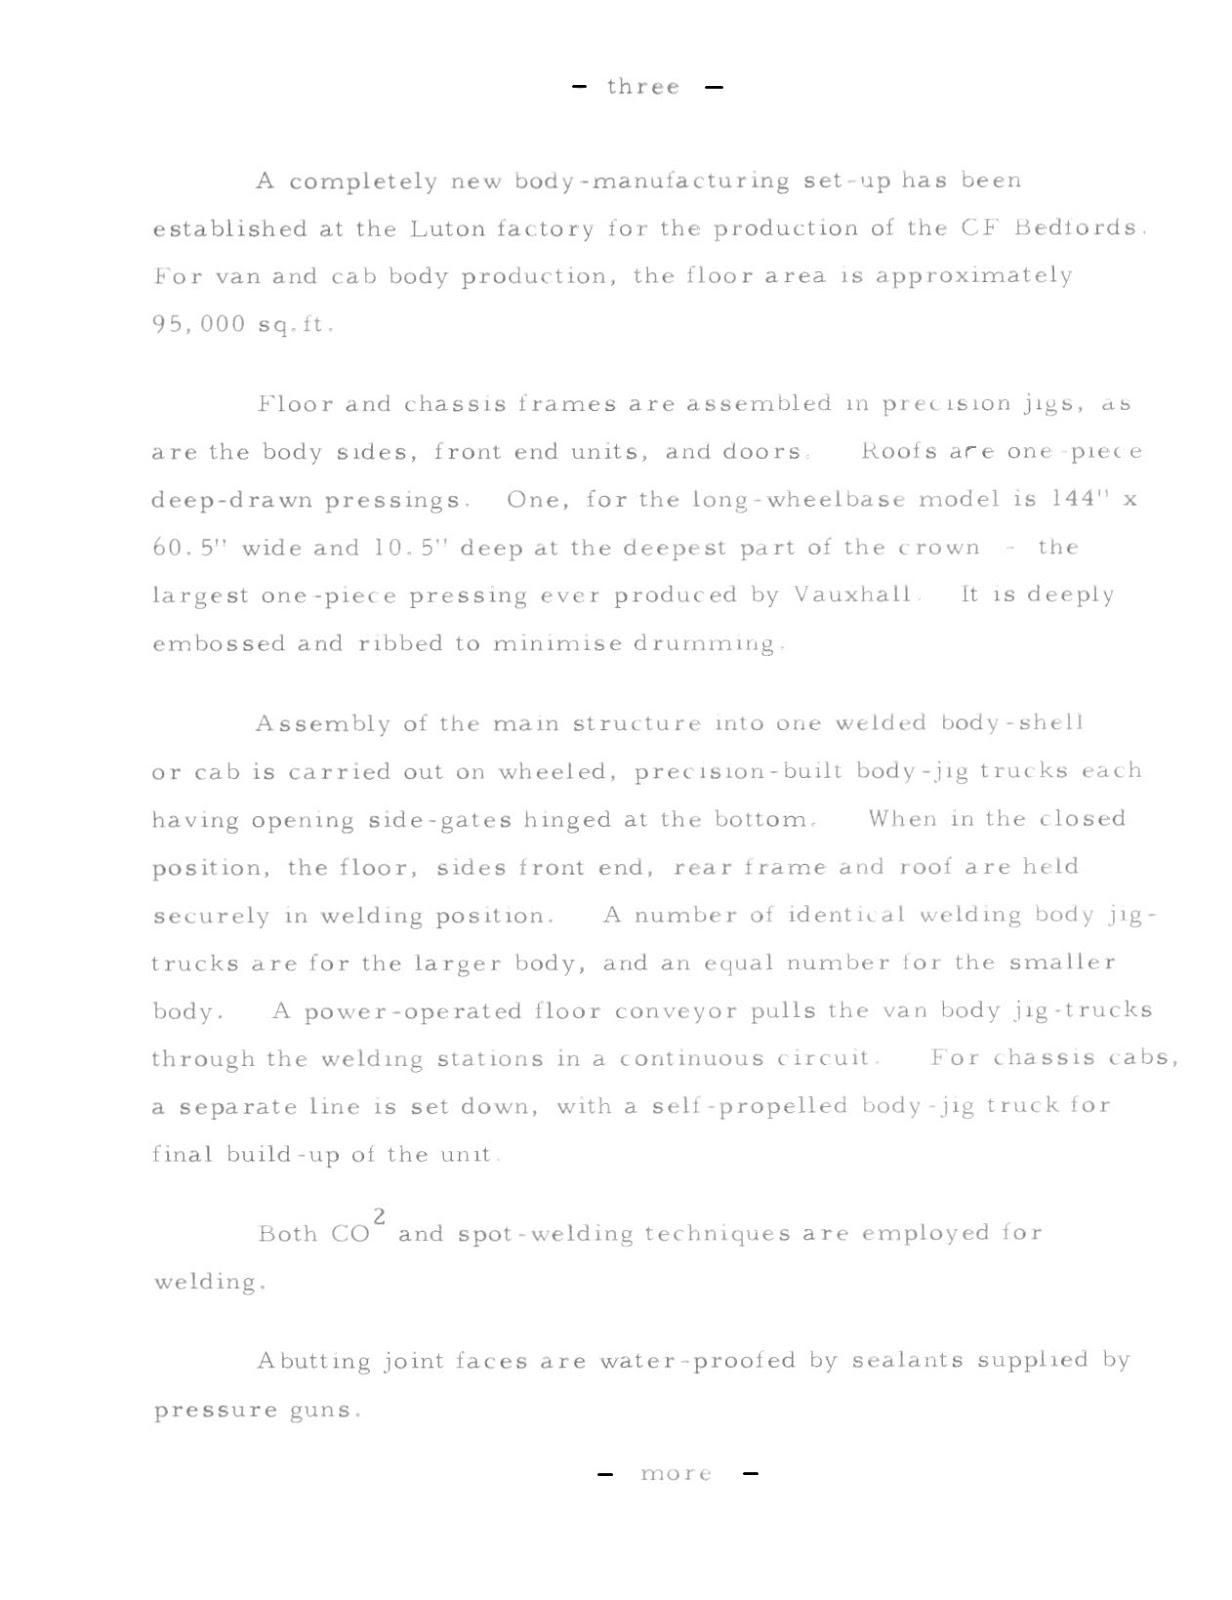 bedford cf2 van  history  1969 bedford cf press release